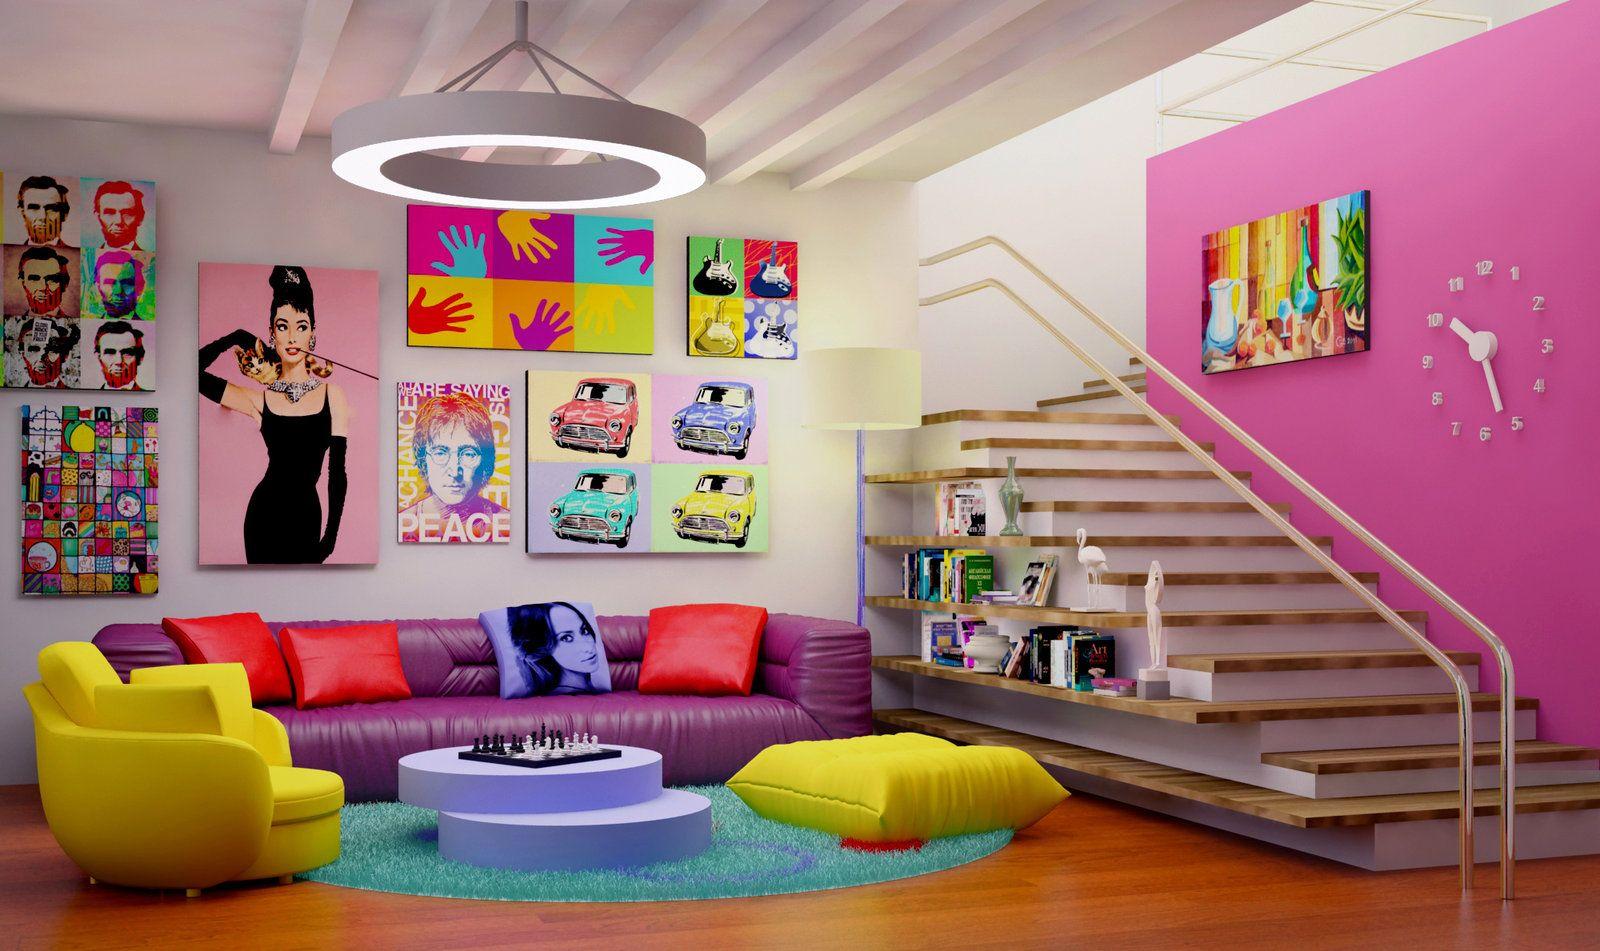 Décoration intérieure - le Pop Art entre dans la maison | TZ-Pop Art ...